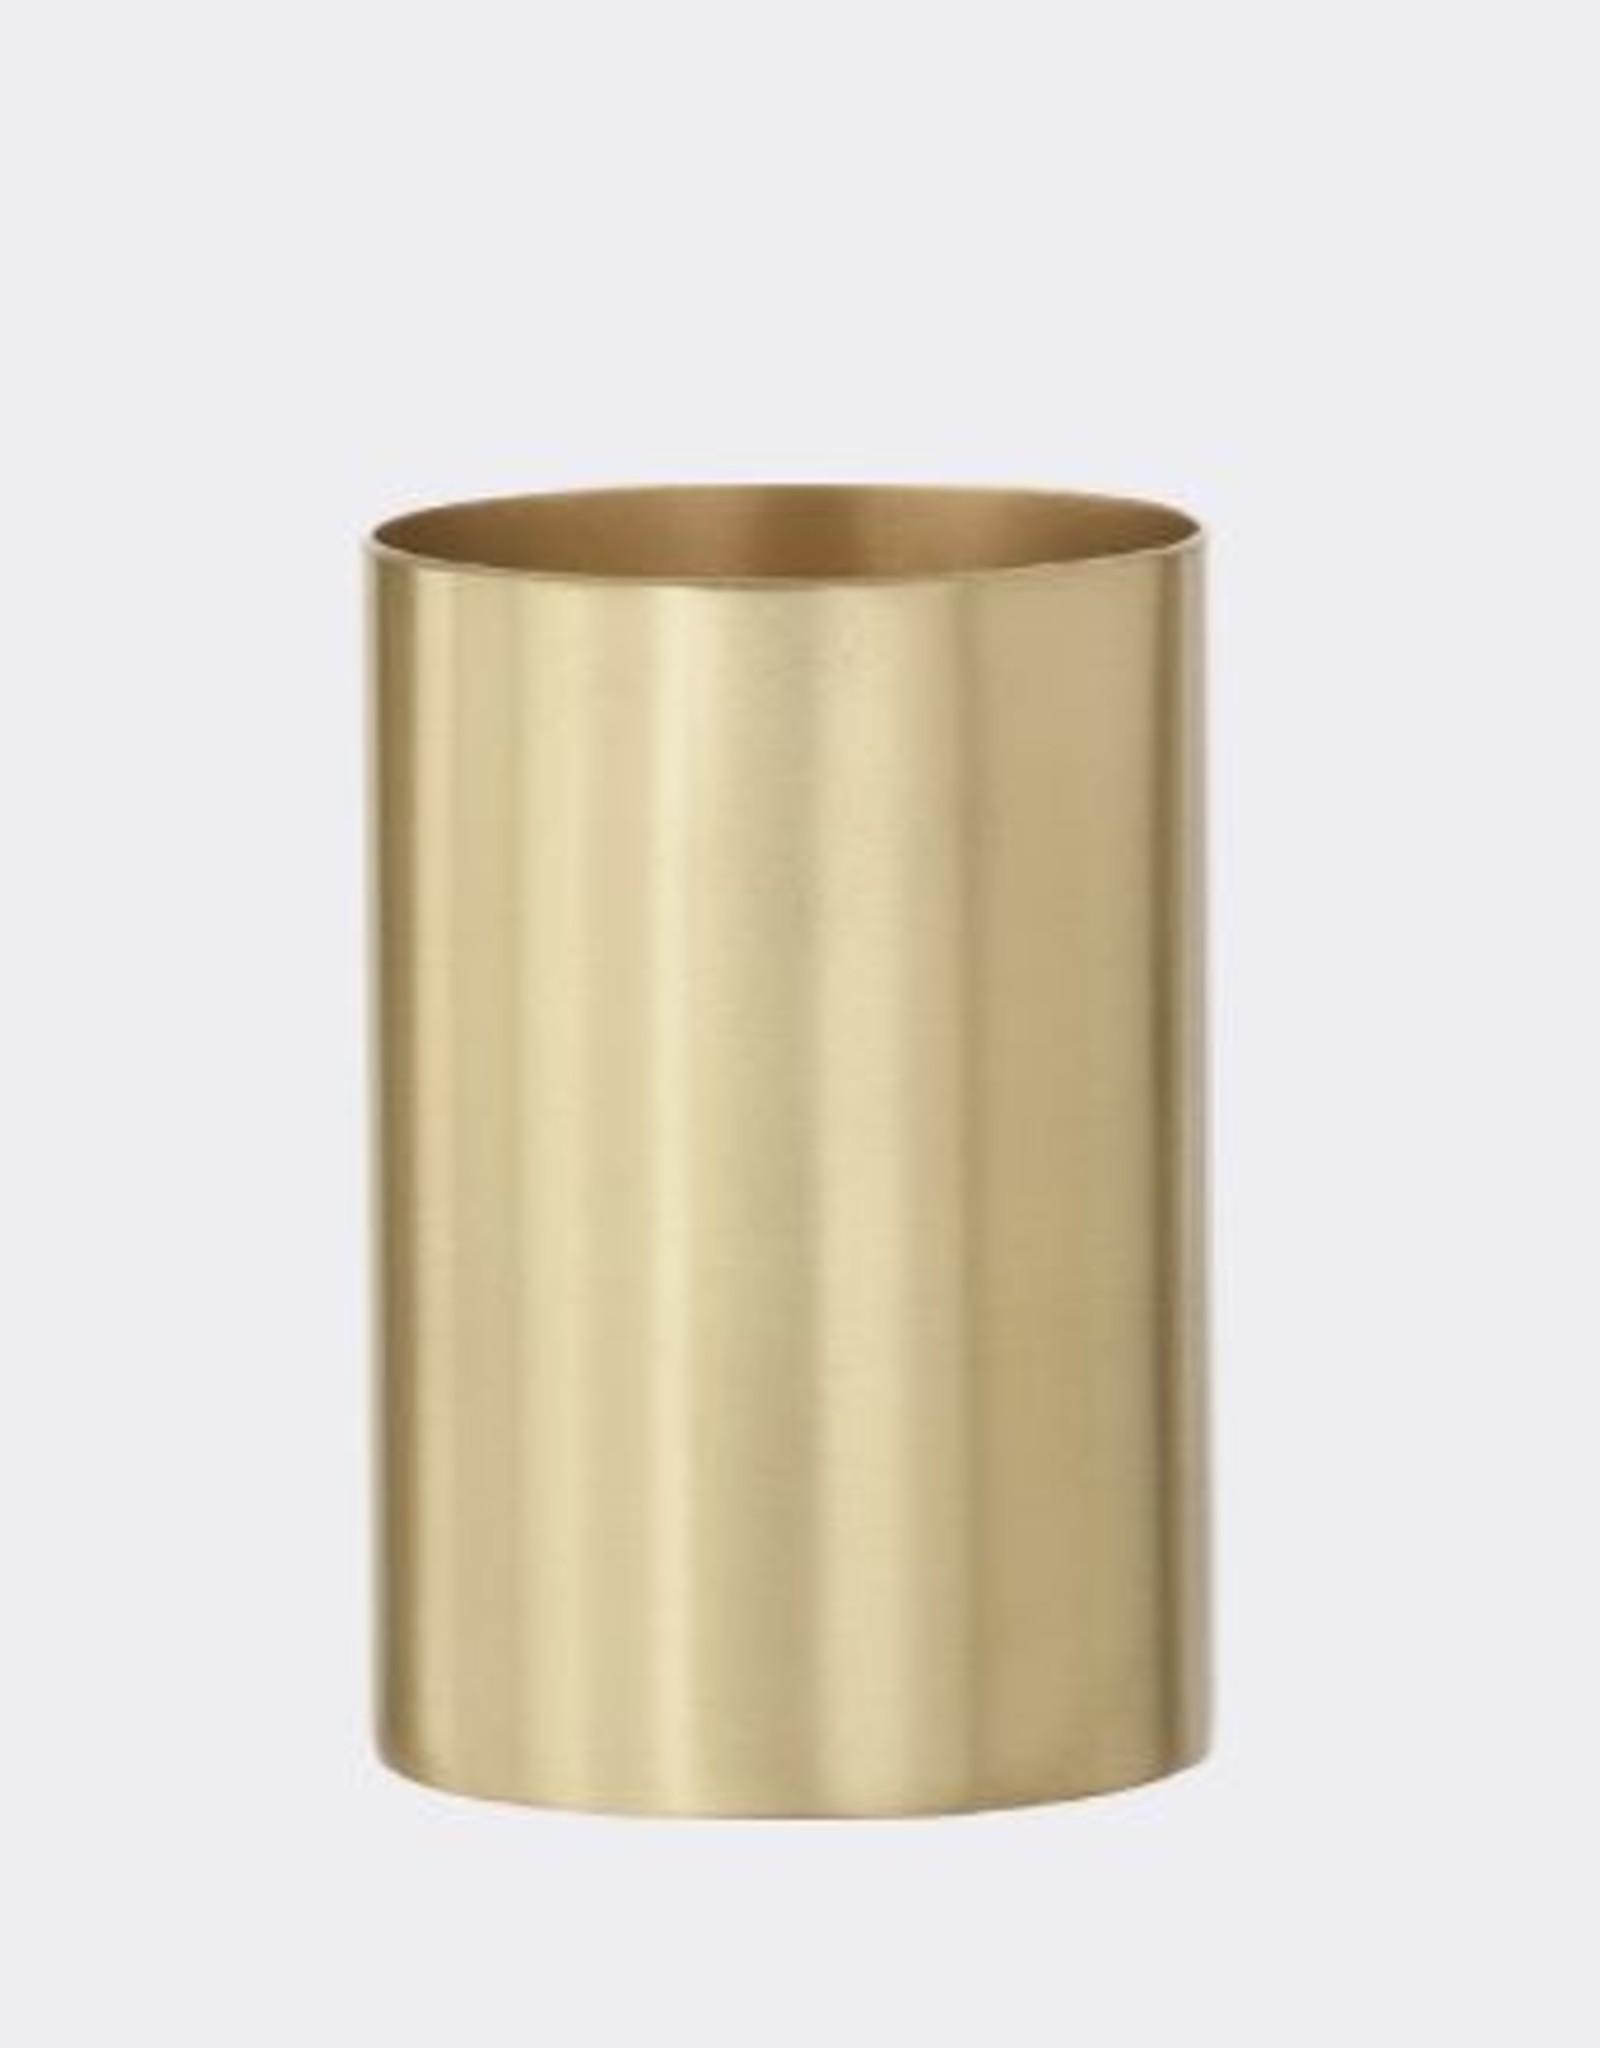 Ferm Living Brass Cup